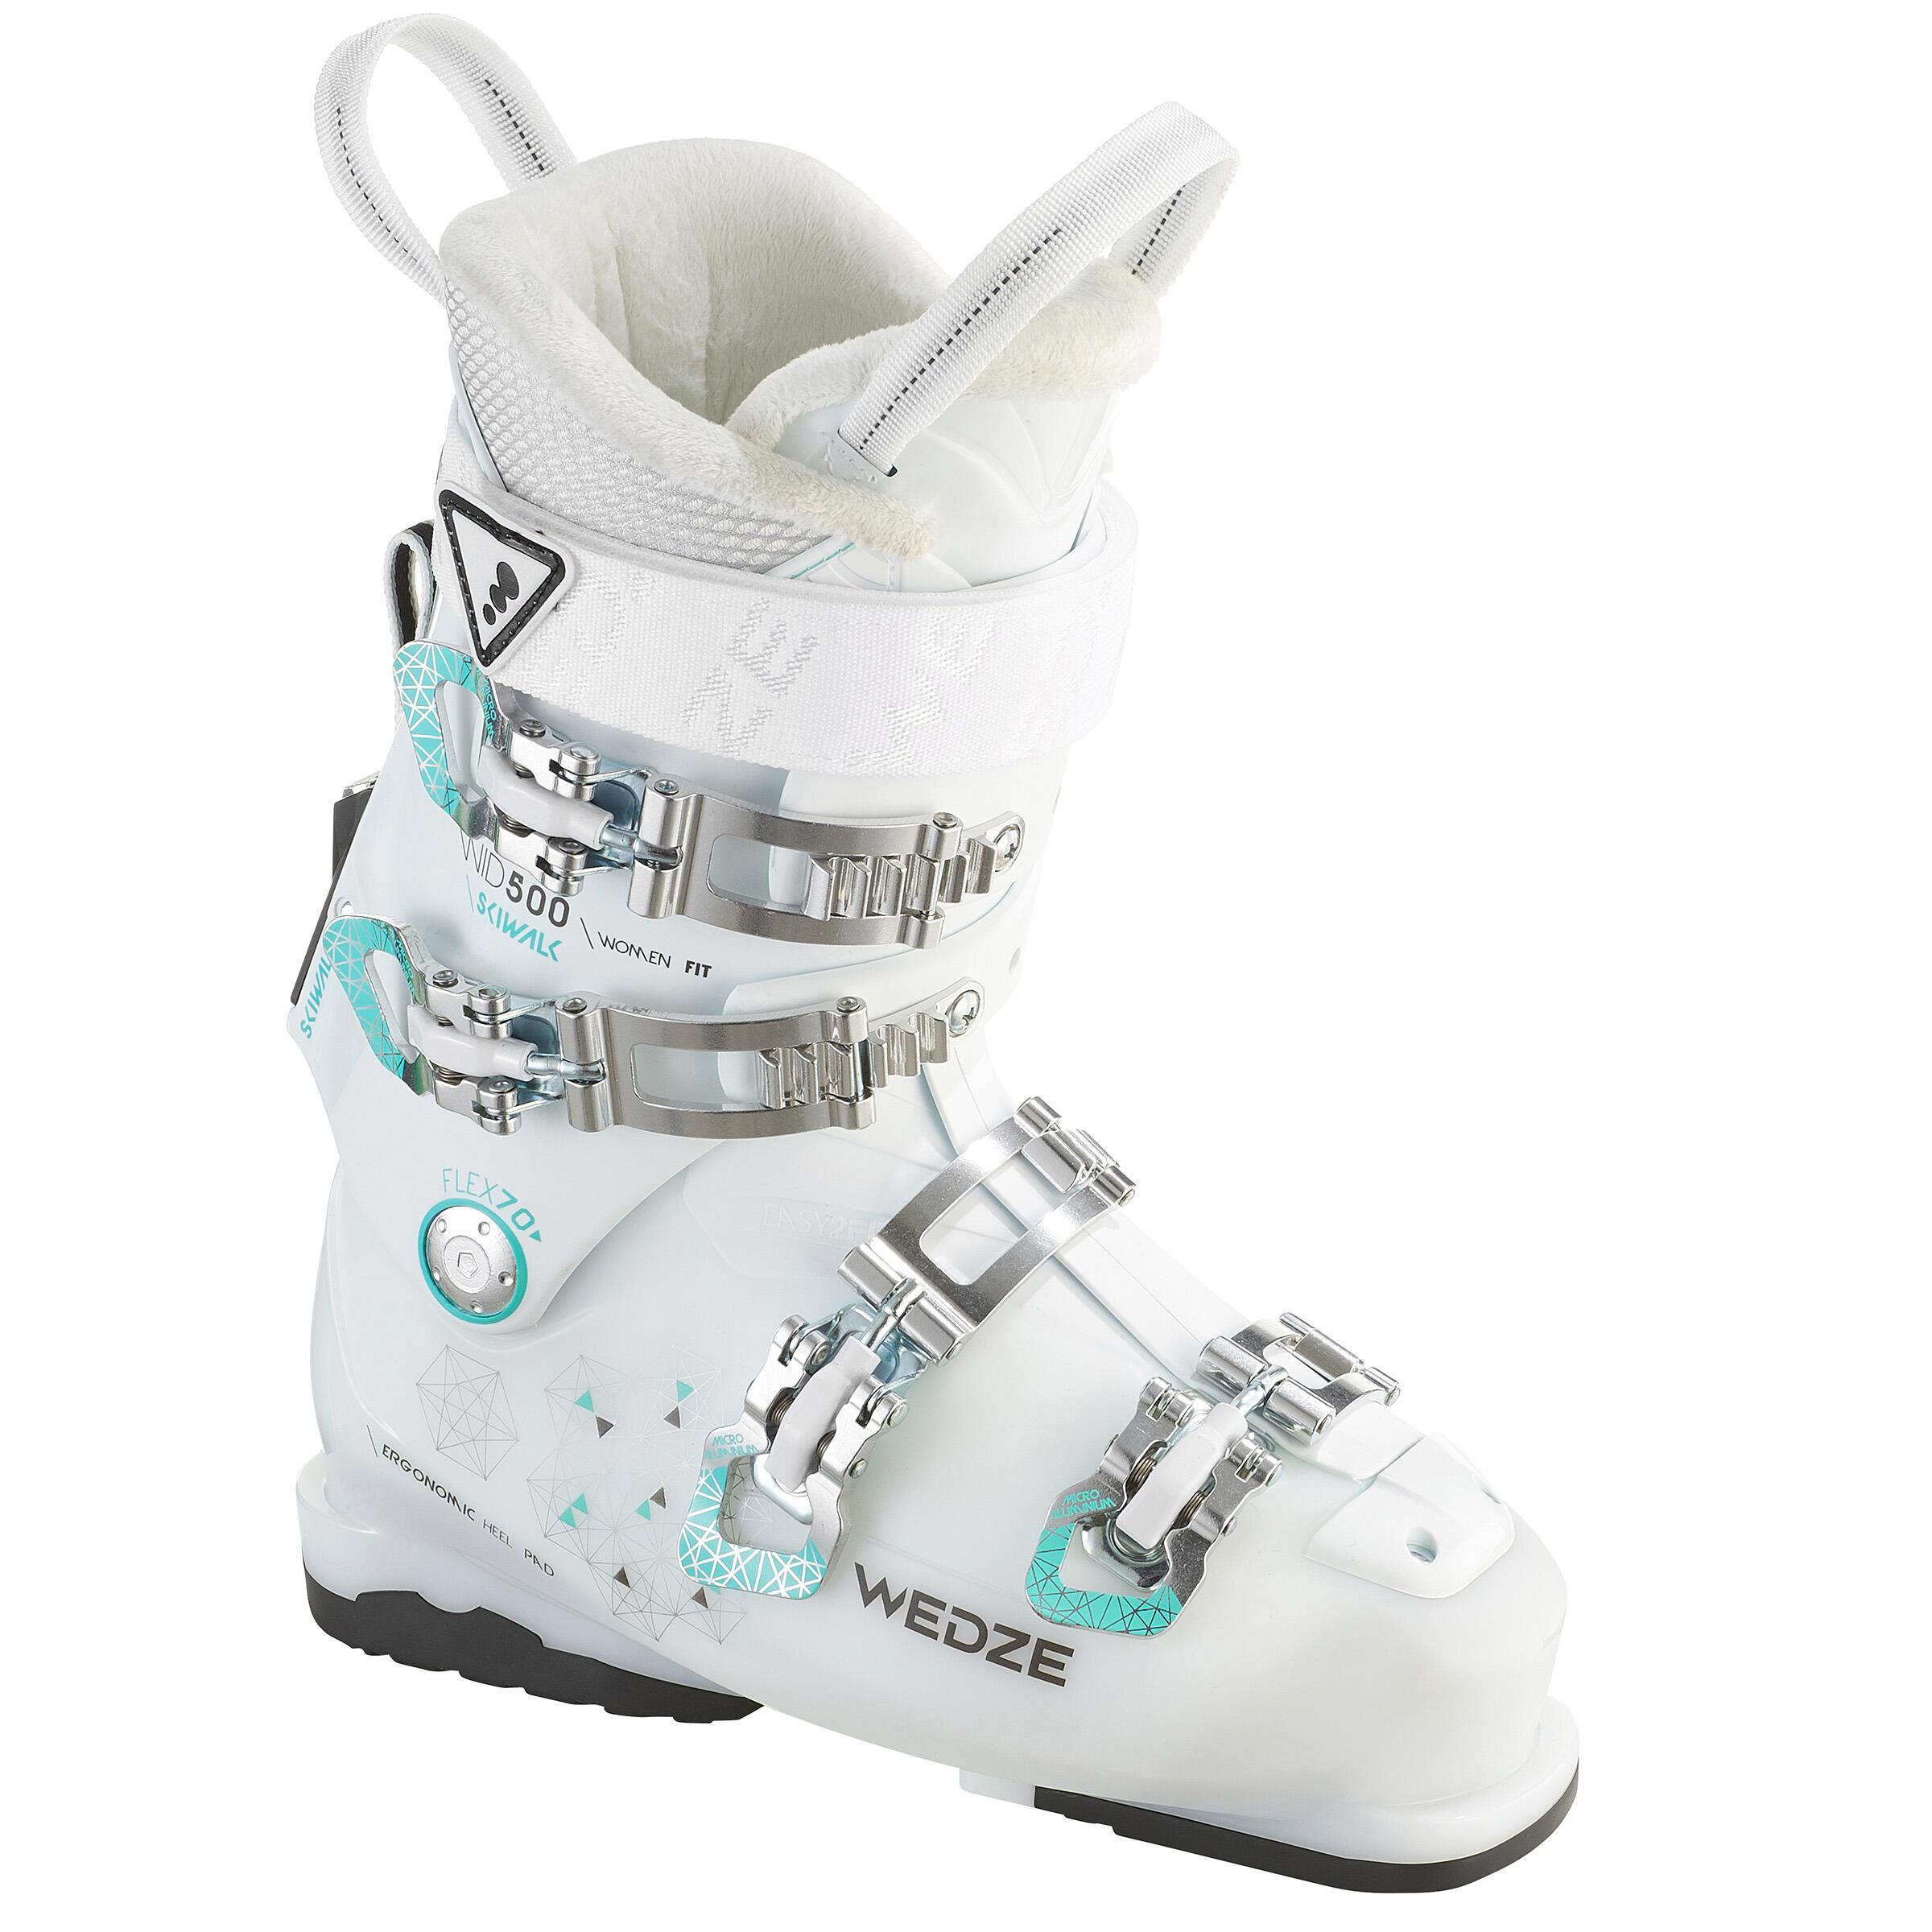 Wed'ze Skischoenen dames Wid 500 thumbnail